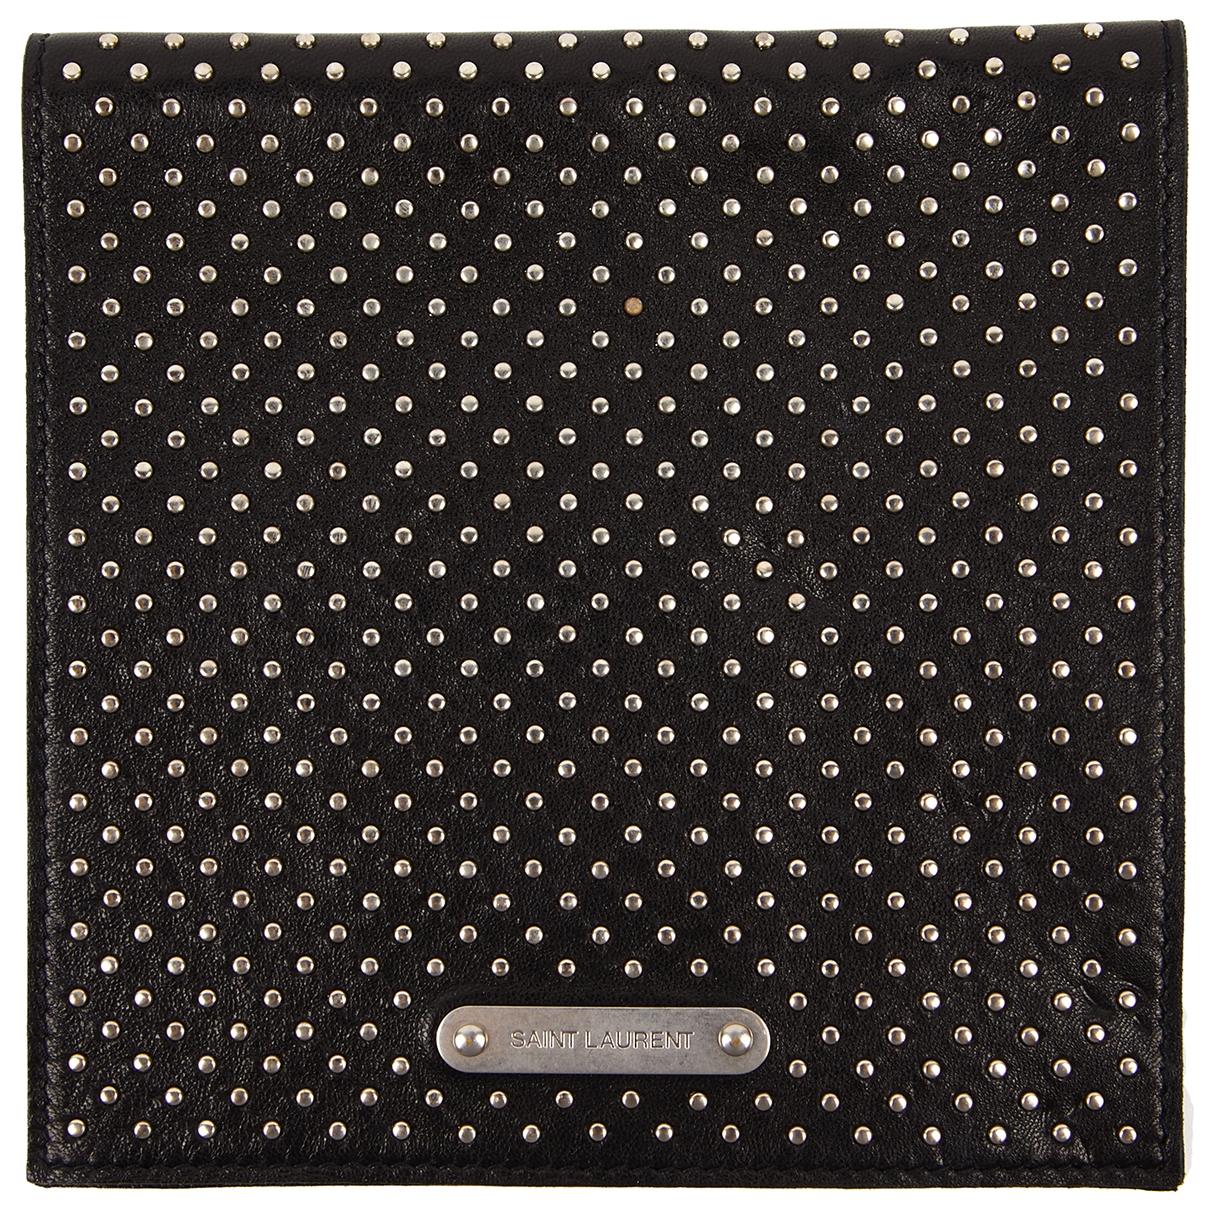 Saint Laurent \N Black Leather Purses, wallet & cases for Women \N